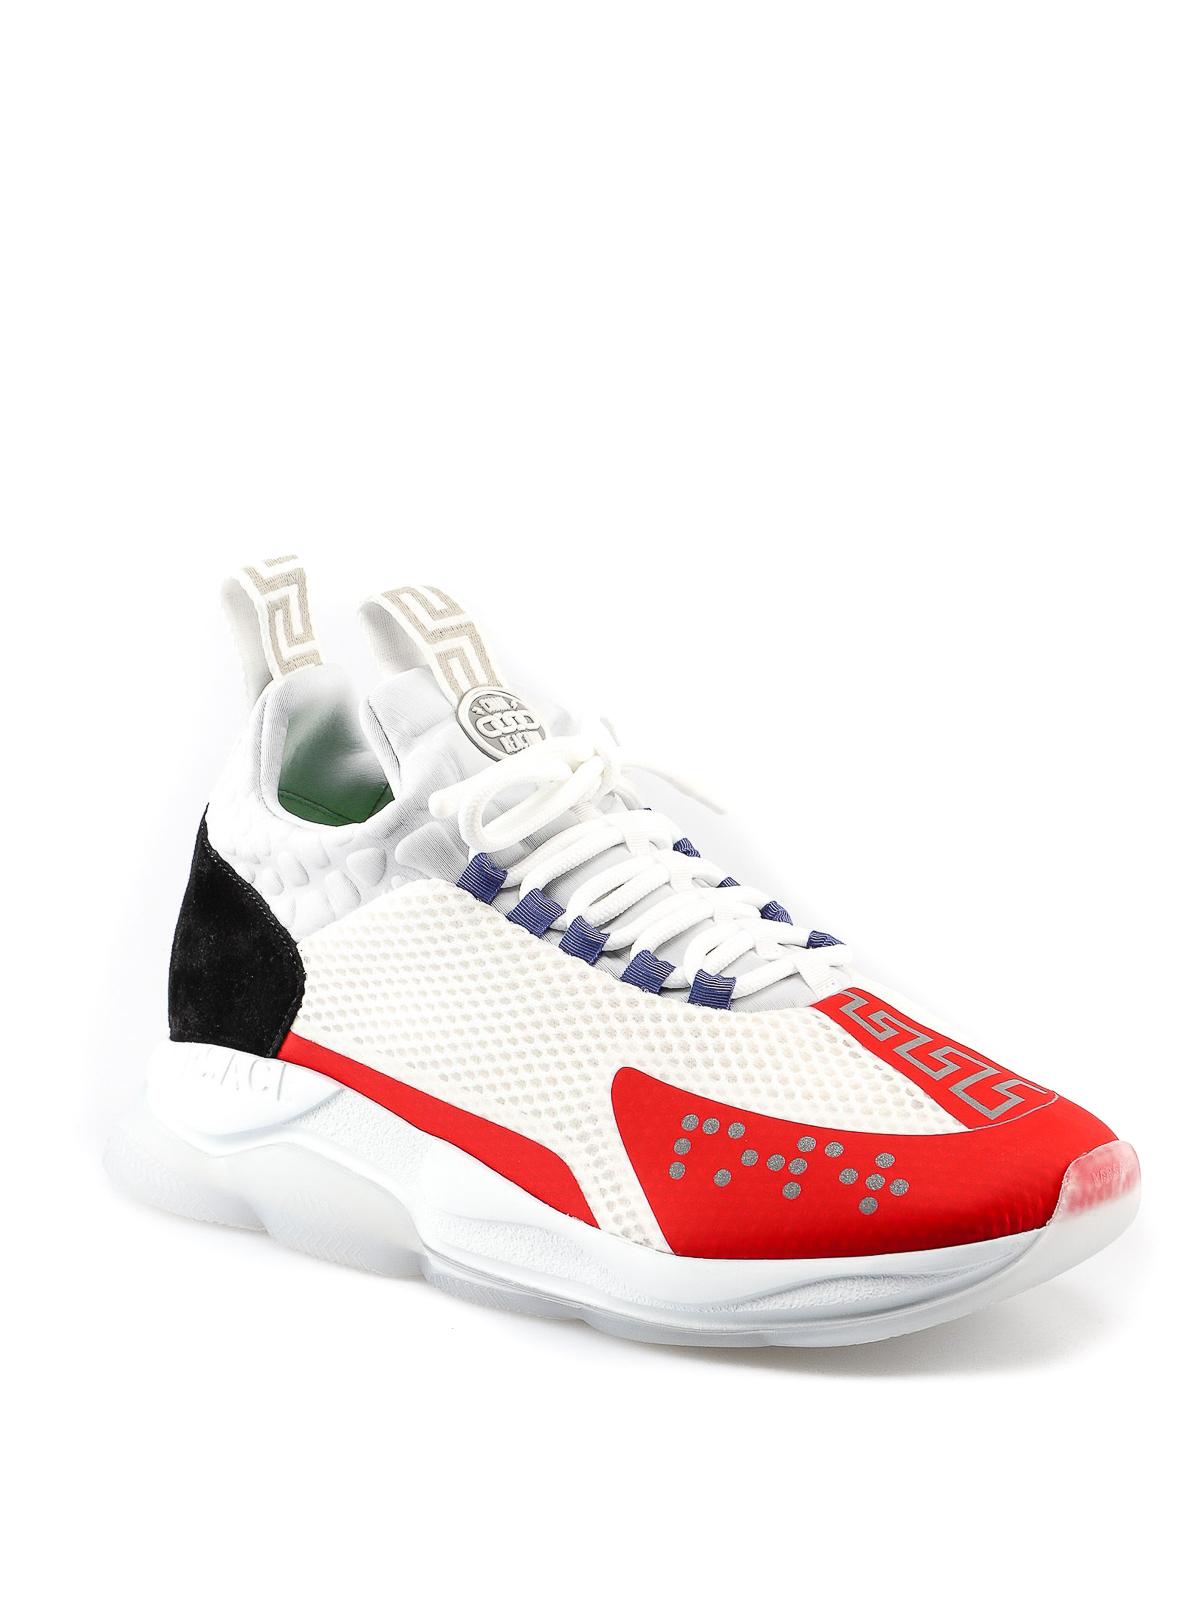 Versace - Cross Chainer sneakers